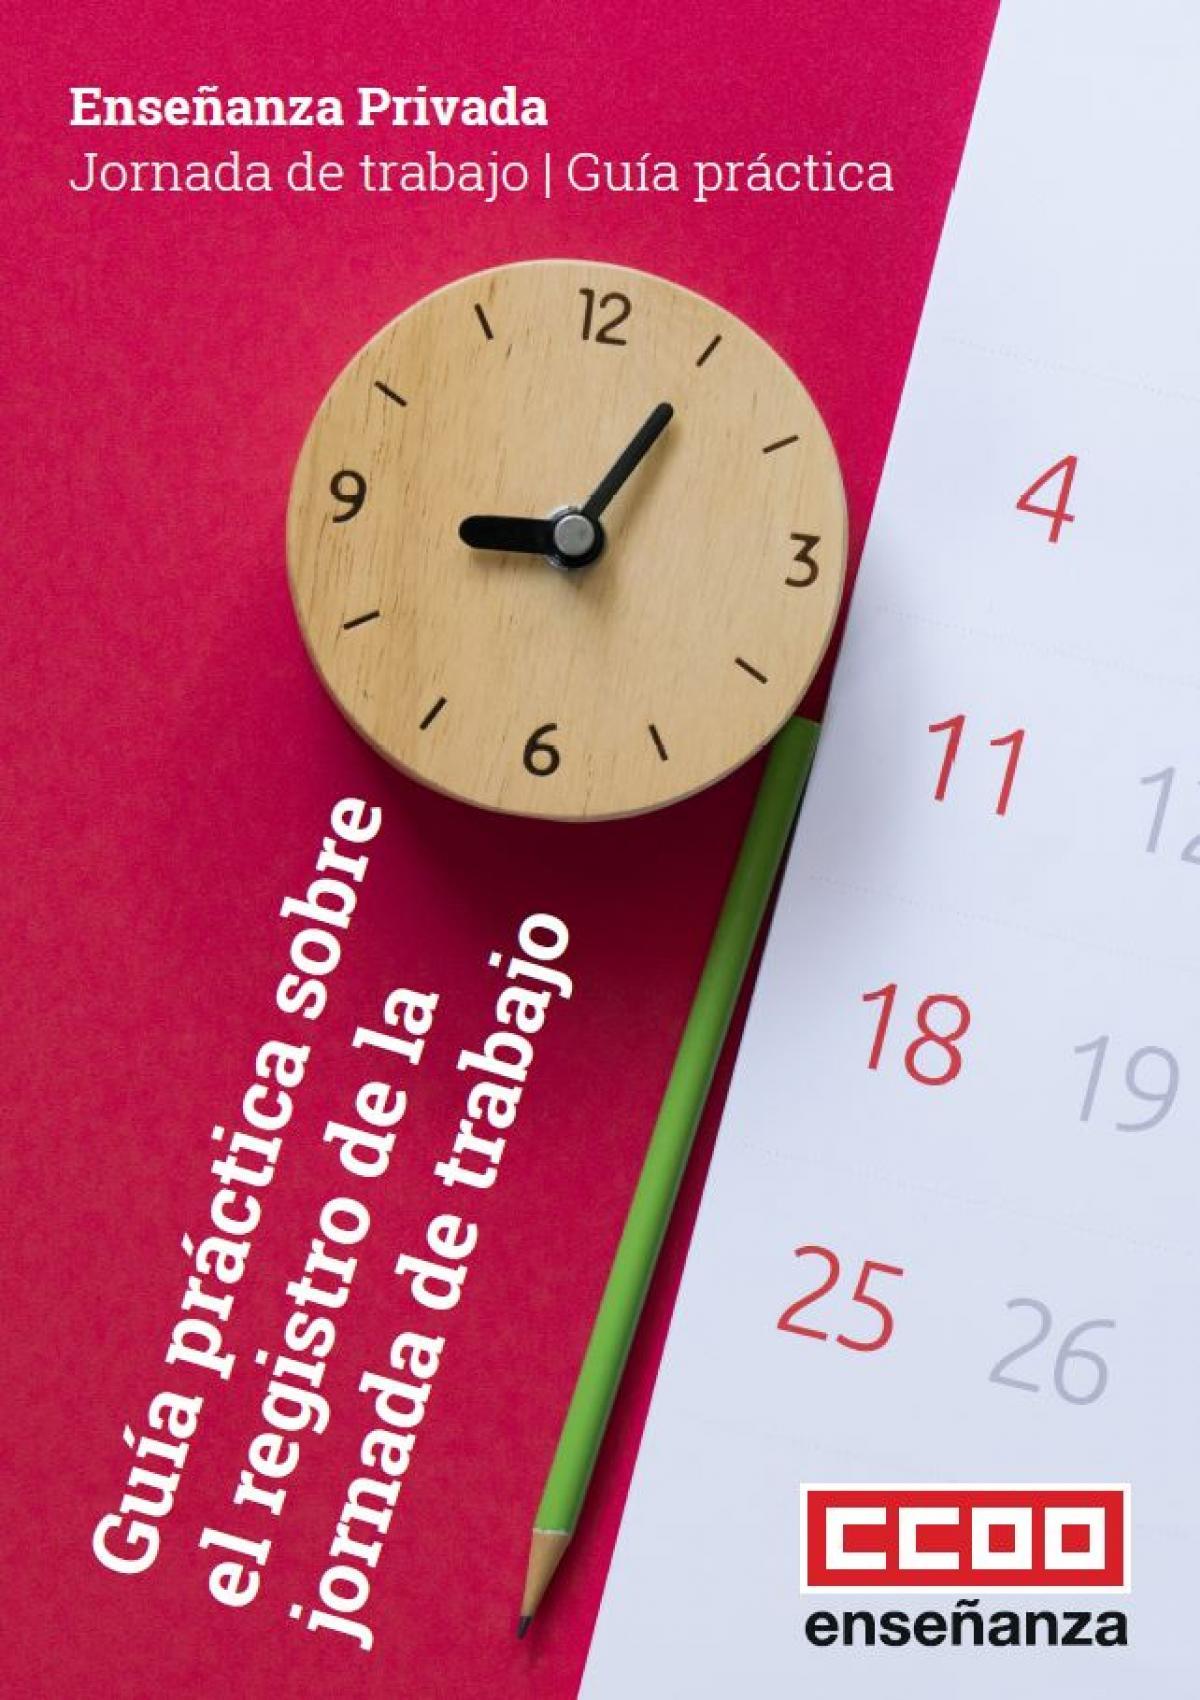 Guía práctica sobre el registro de la jornada de trabajo